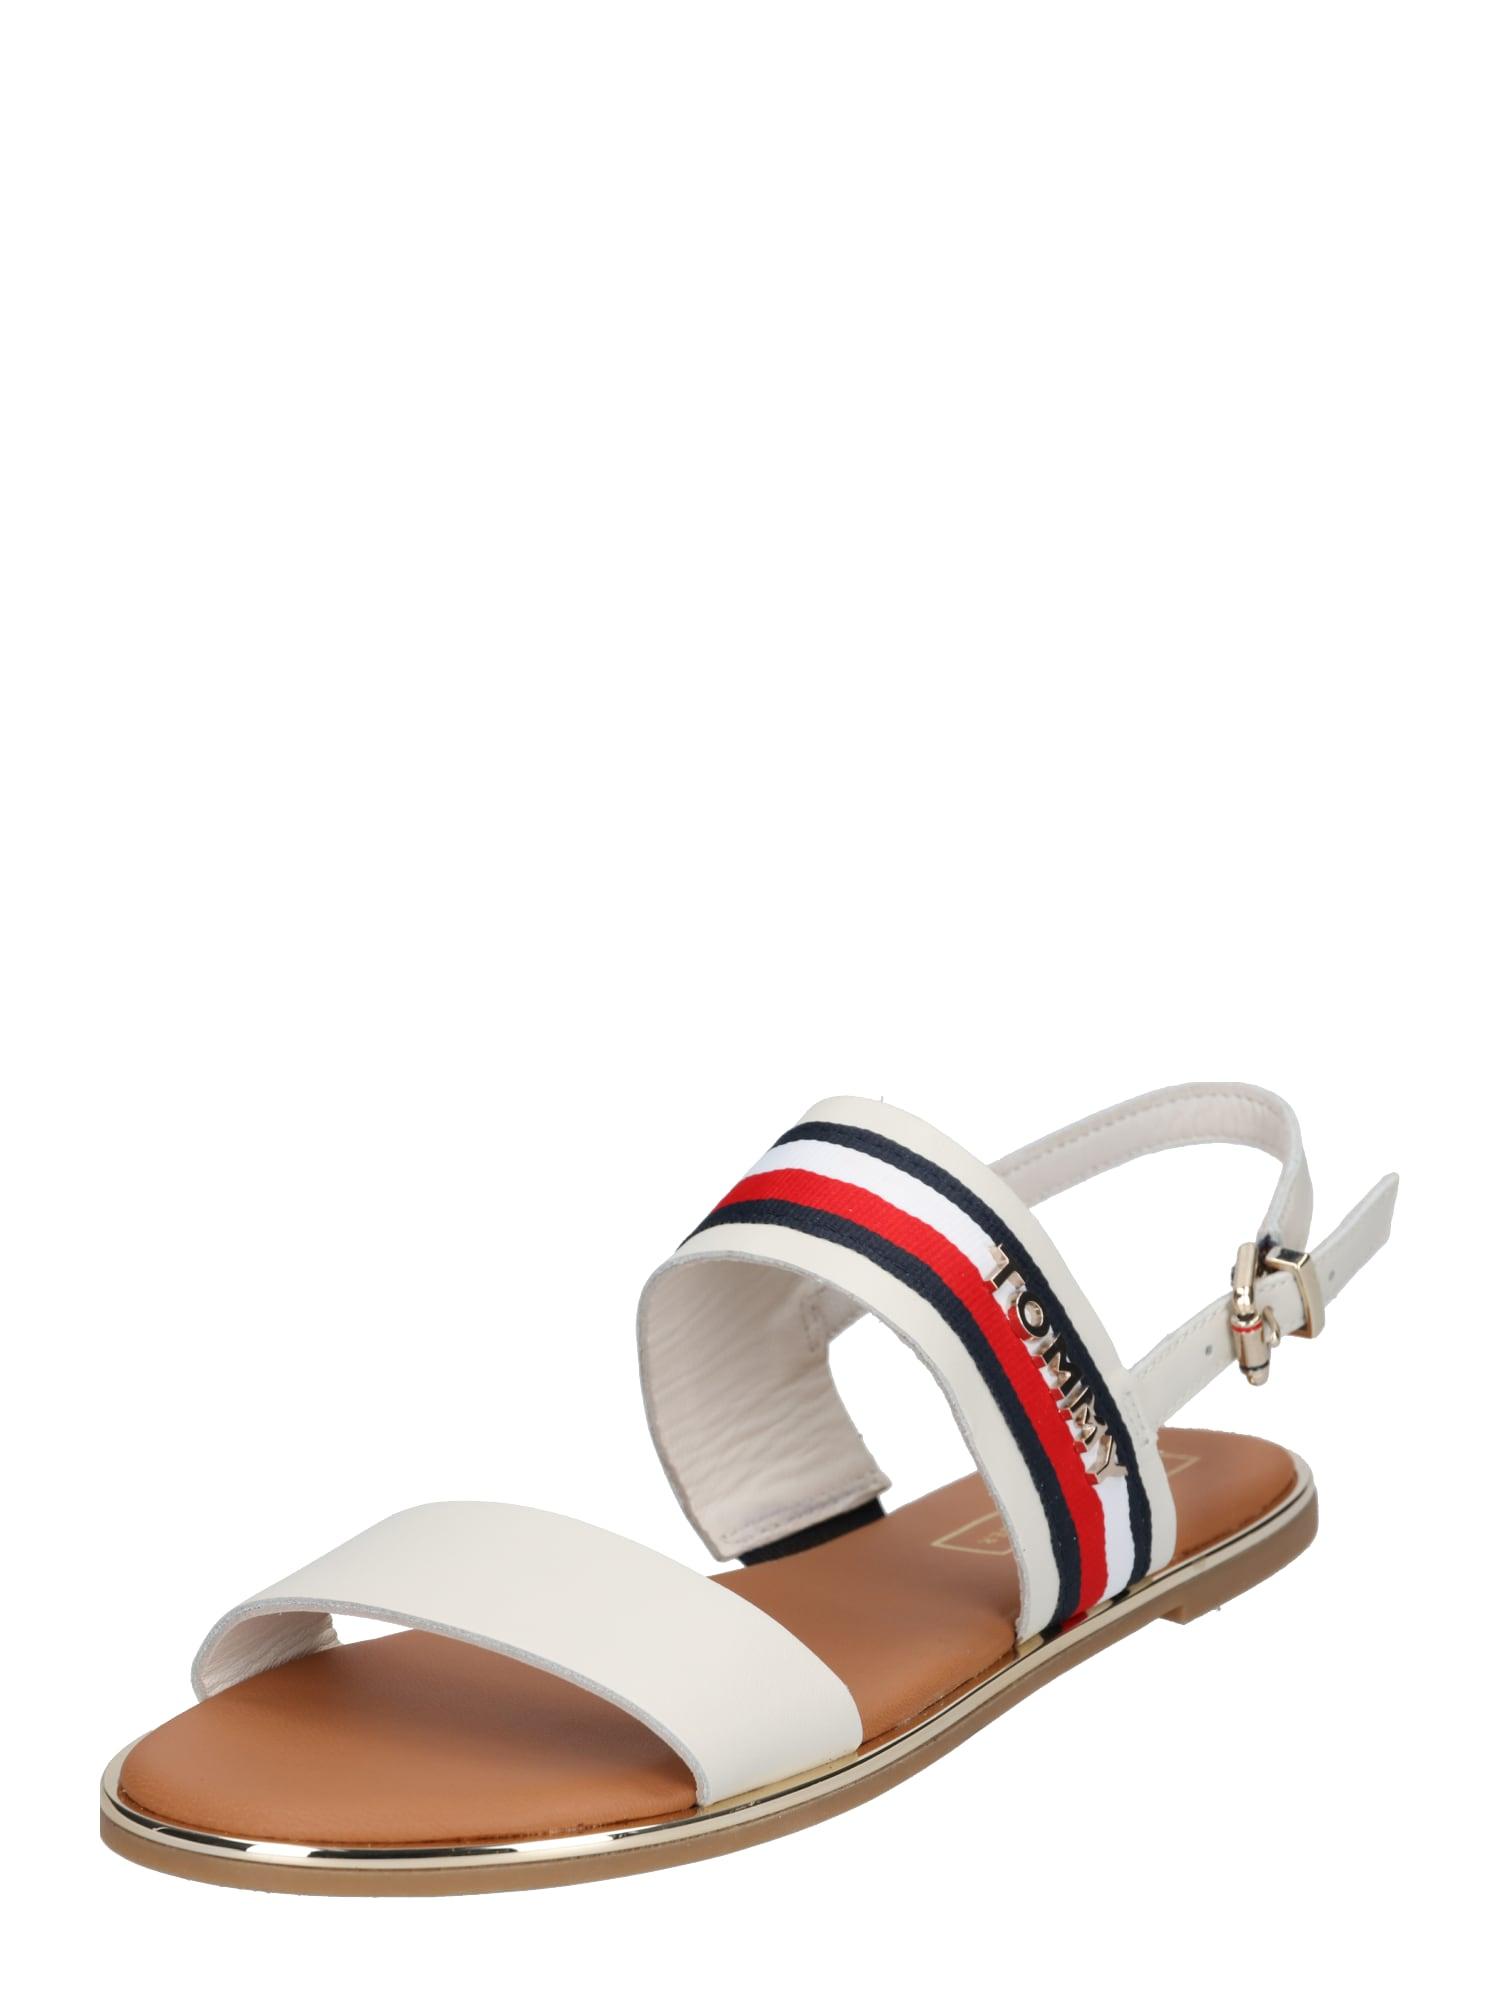 Páskové sandály Jennifer  námořnická modř  světle červená  offwhite TOMMY HILFIGER